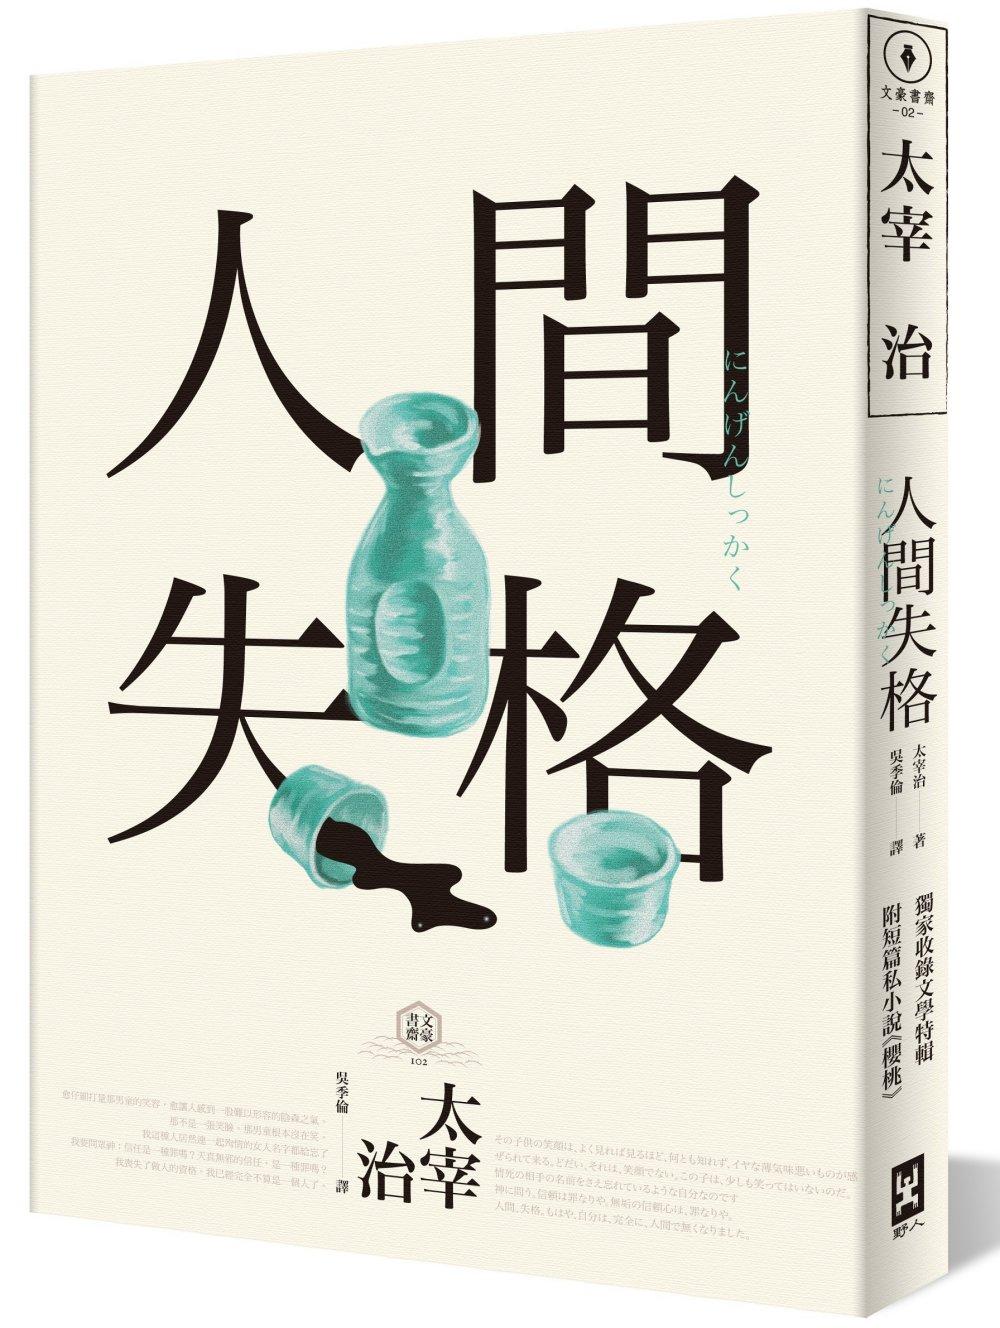 人間失格:獨家收錄太宰治【文學特輯】及【生前最後發表私小說<櫻桃>】